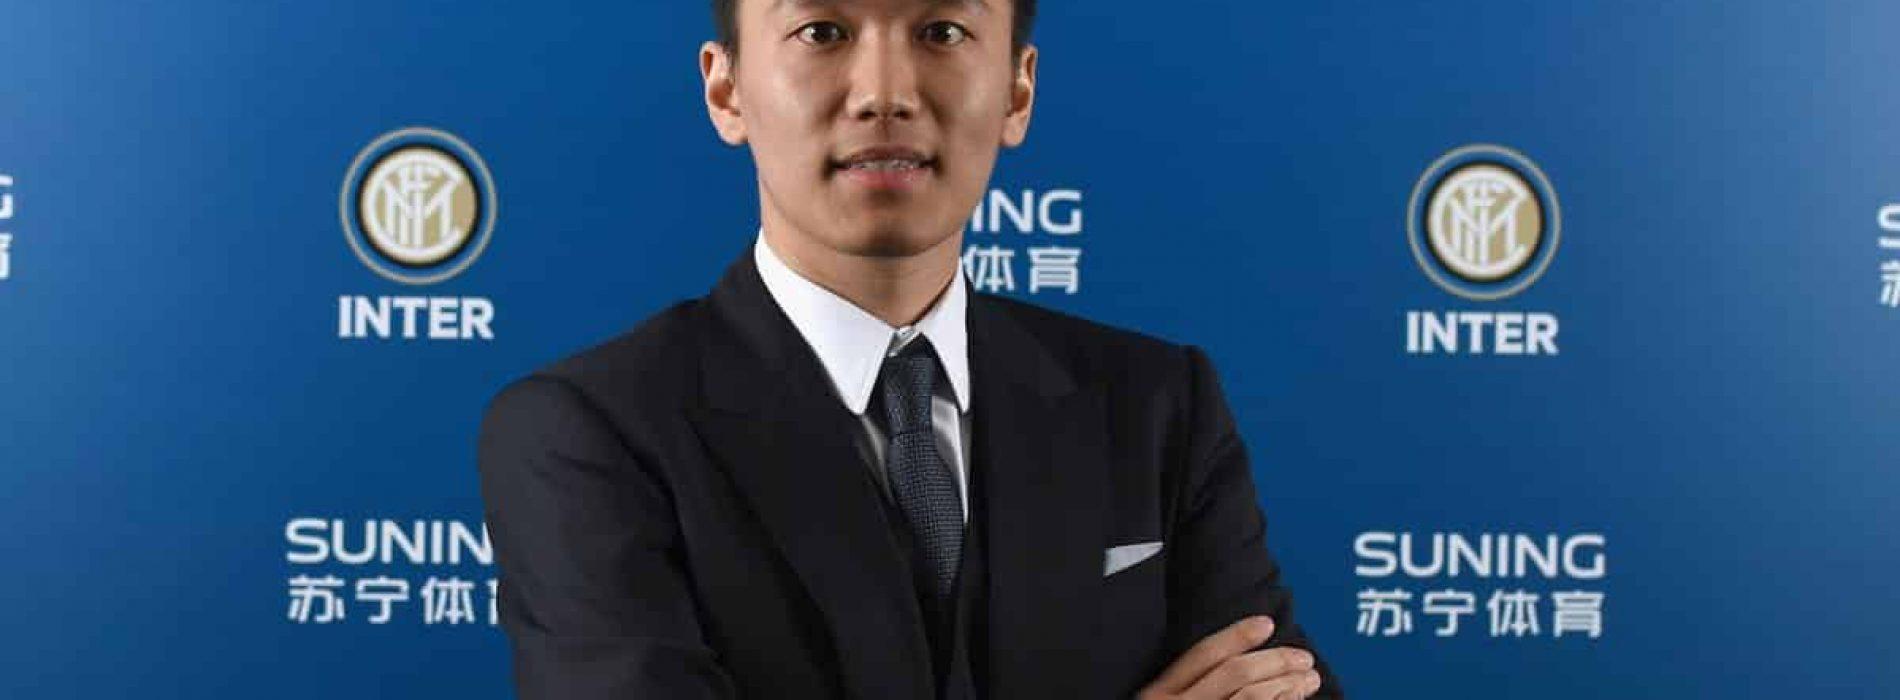 """Zhang contro il razzismo: """"Parlerò con Lukaku. DNA dell'Inter lotta contro la violenza"""""""